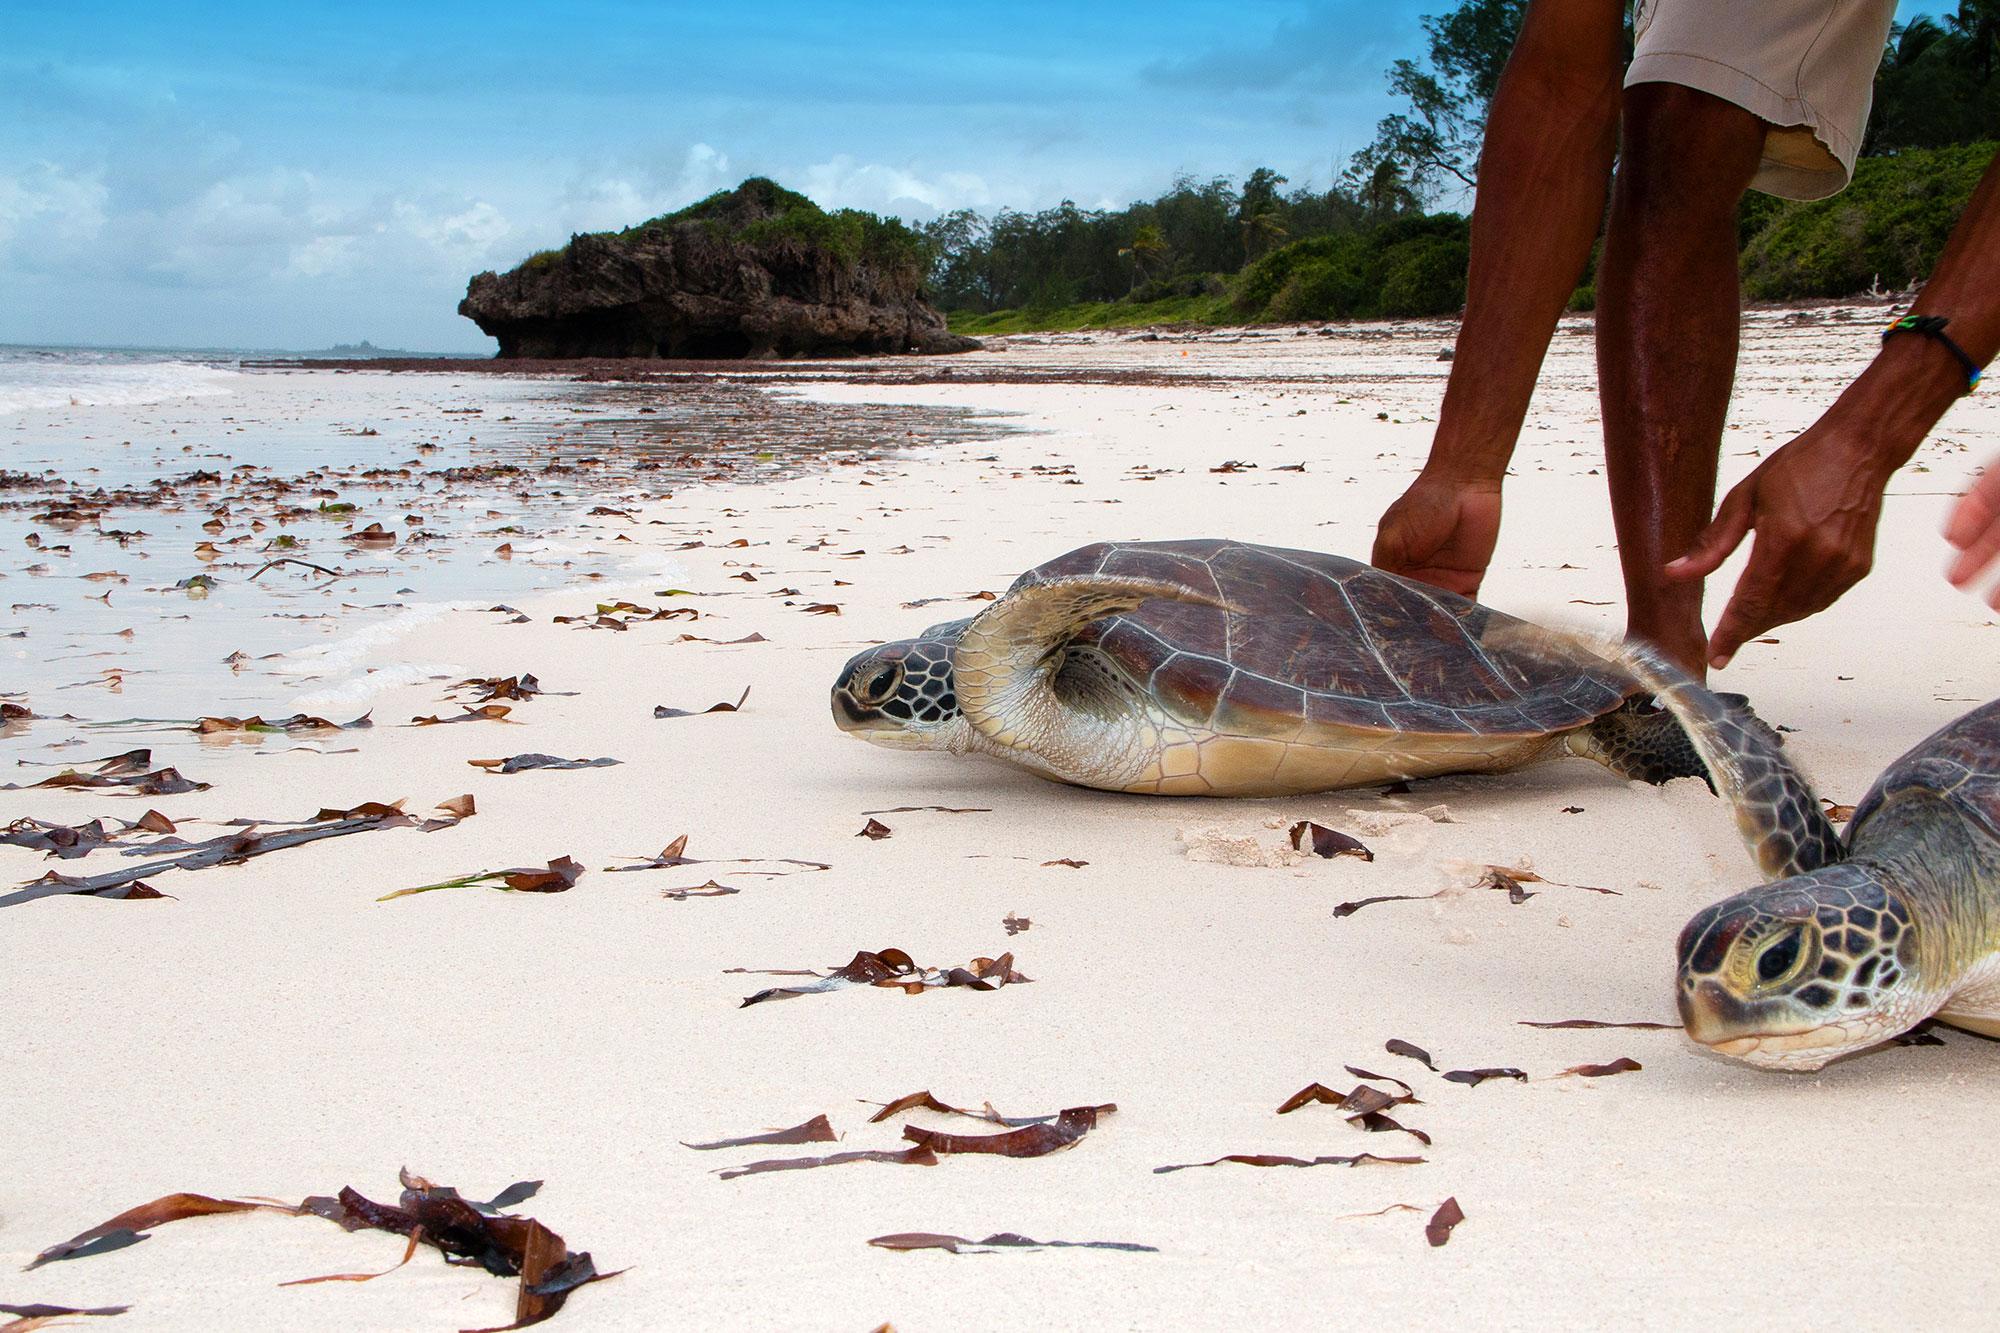 Schildkröten am Strand auf dem Weg ins Meer